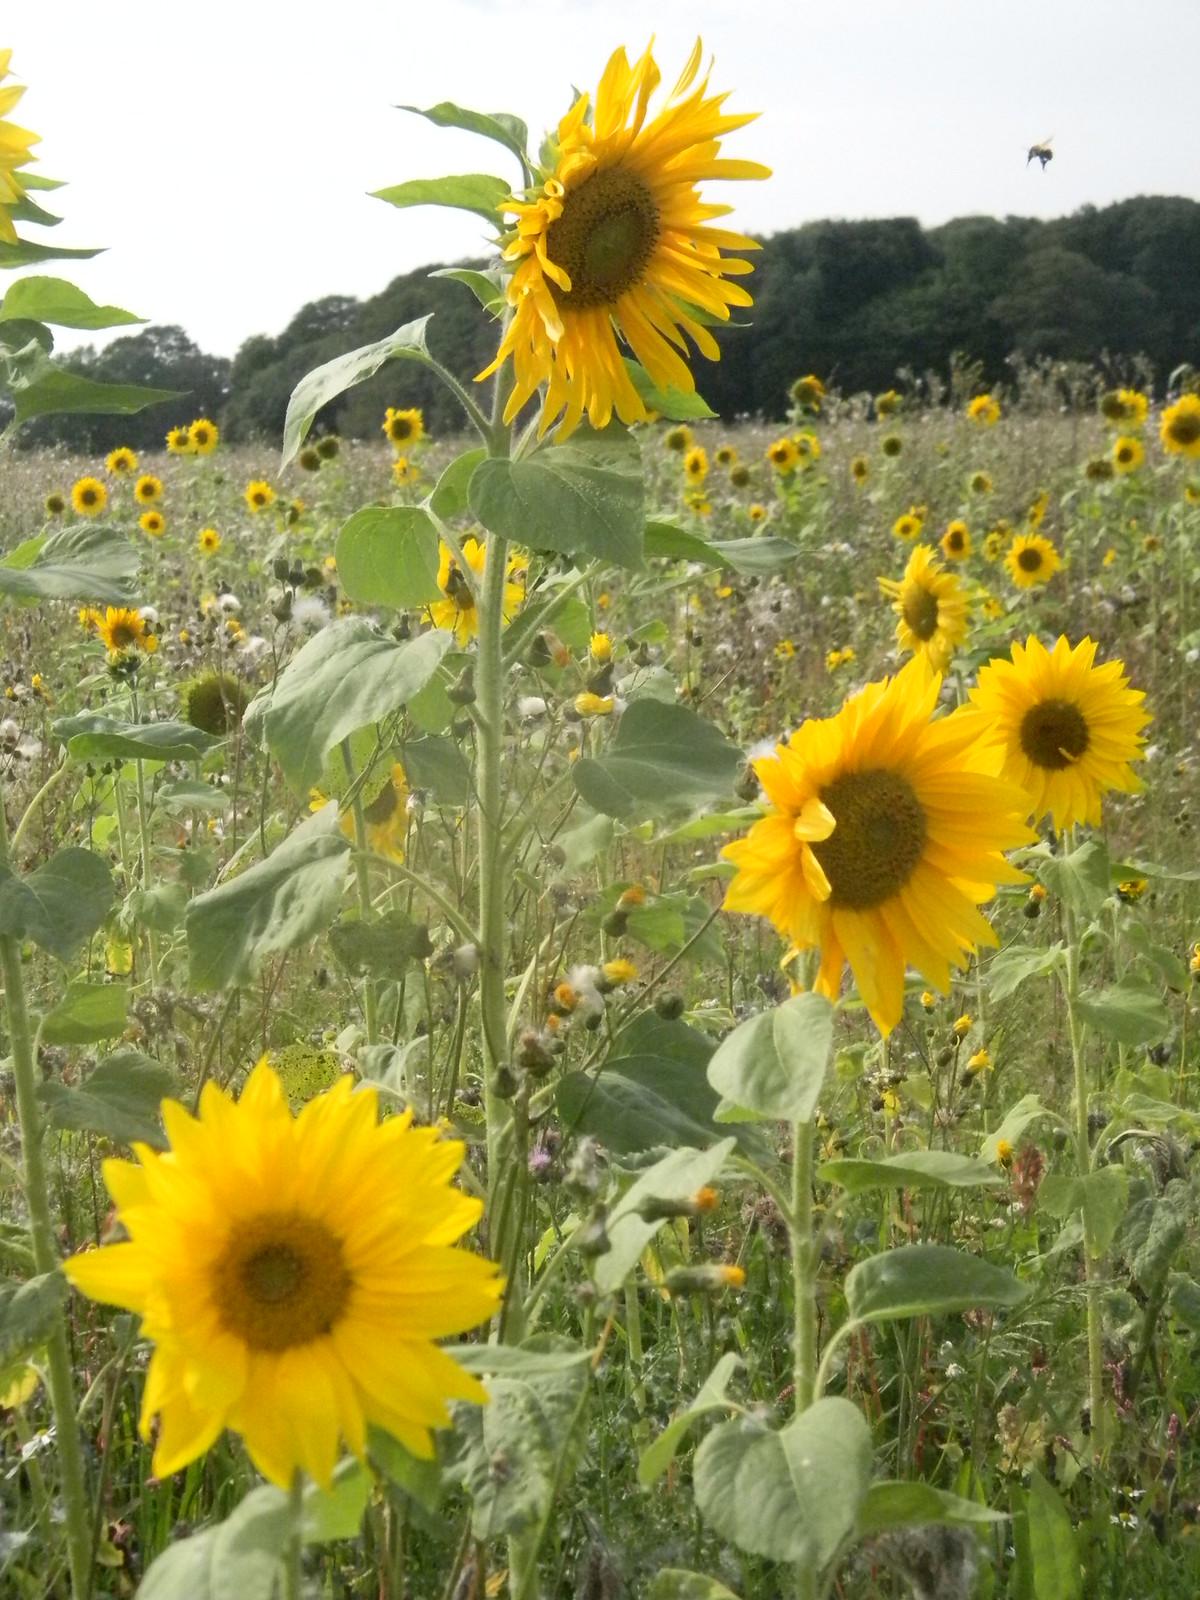 Sunflowers Chesham to Great Missenden